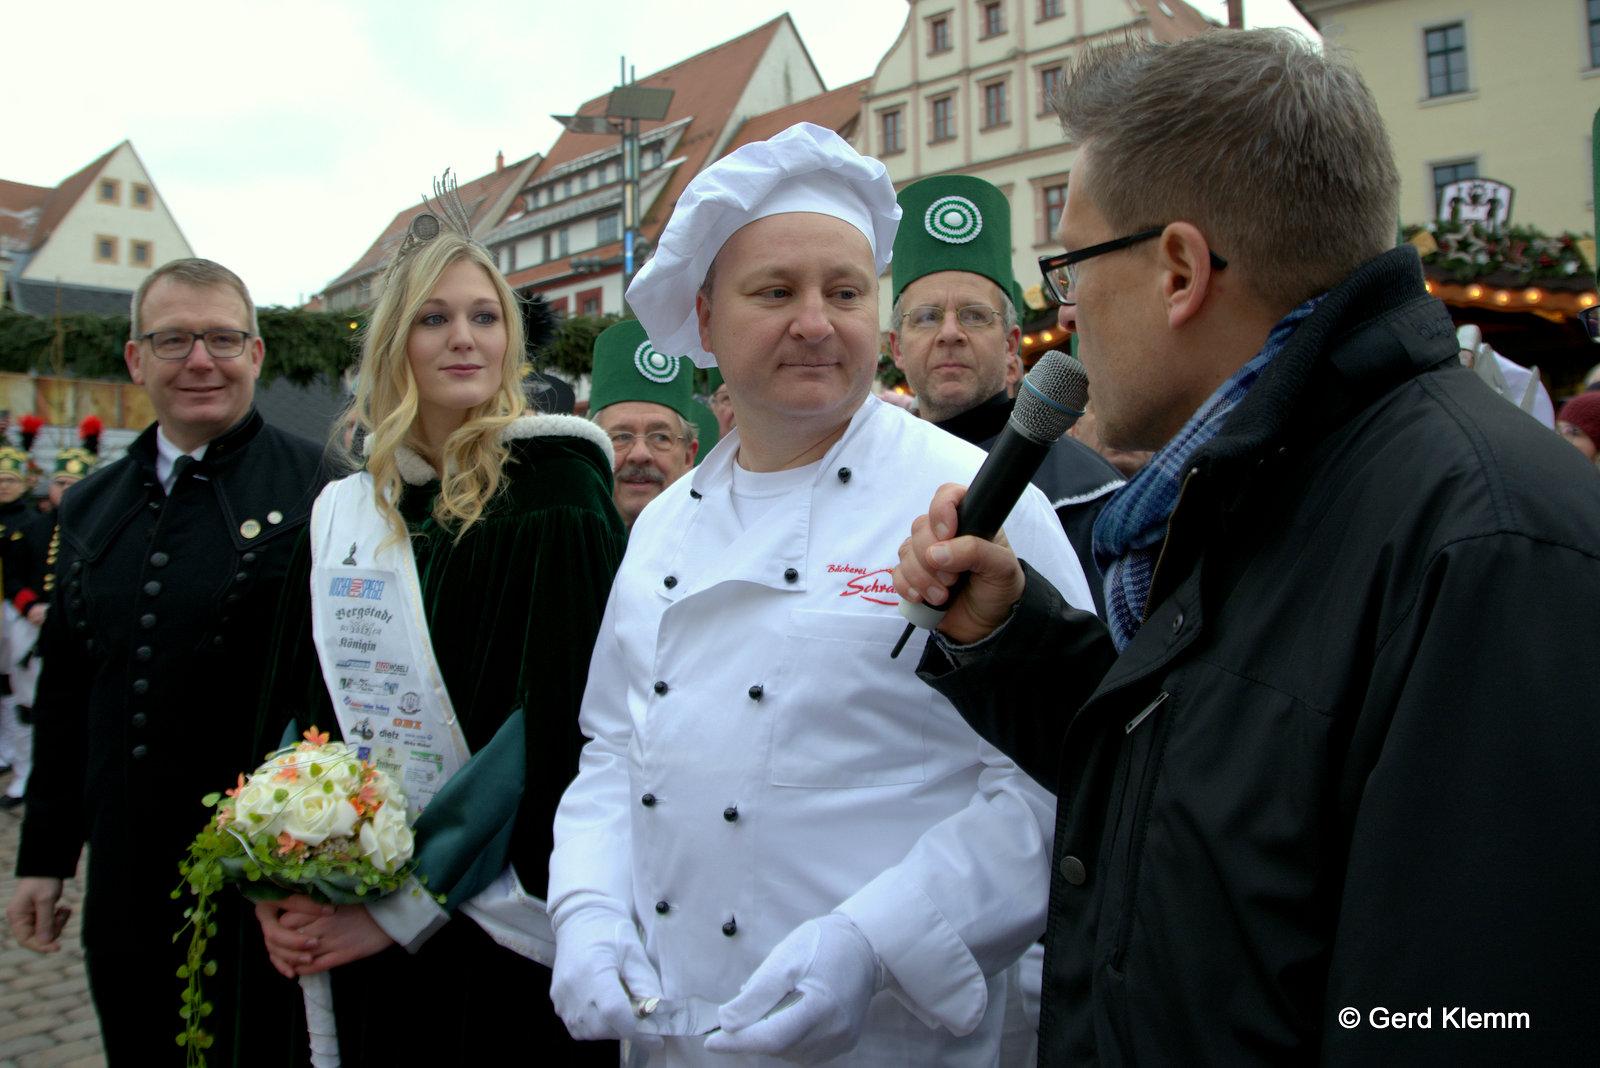 Eventmoderator-Gerd-Edler-Christmarkt-Freiberg-gerdedler.de (2)